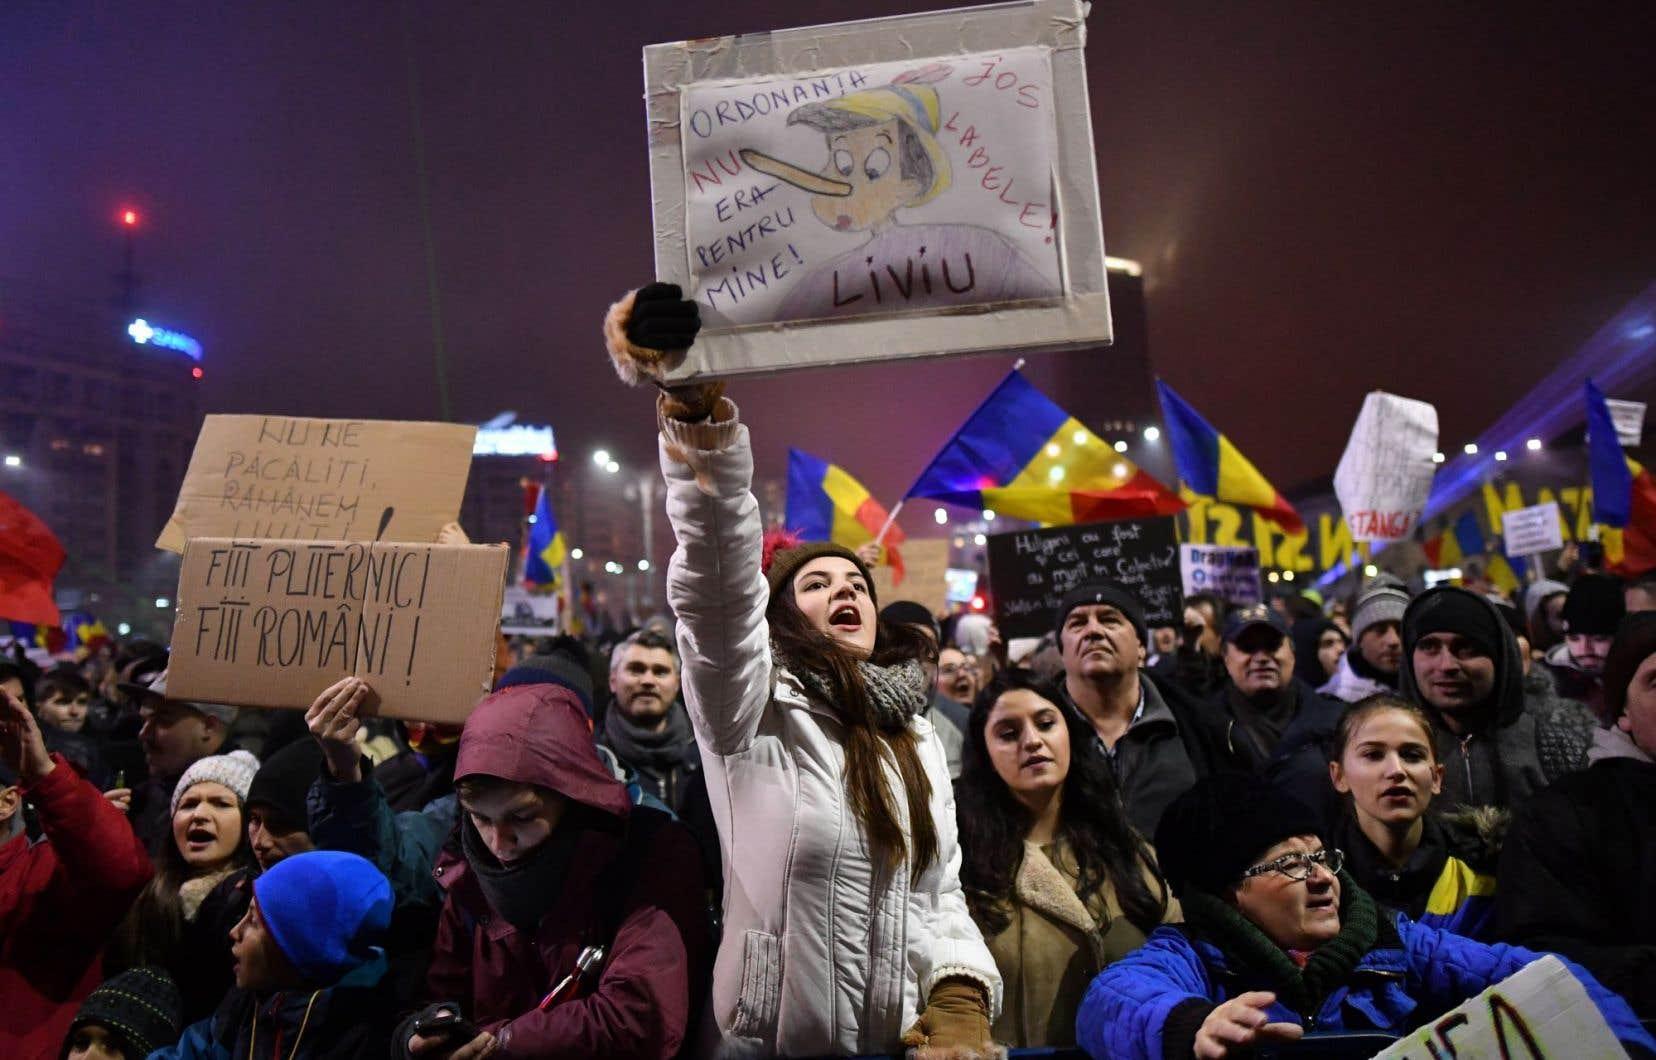 Des milliers de manifestants réunis à Bucarest ont demandé la démission du gouvernement roumain.